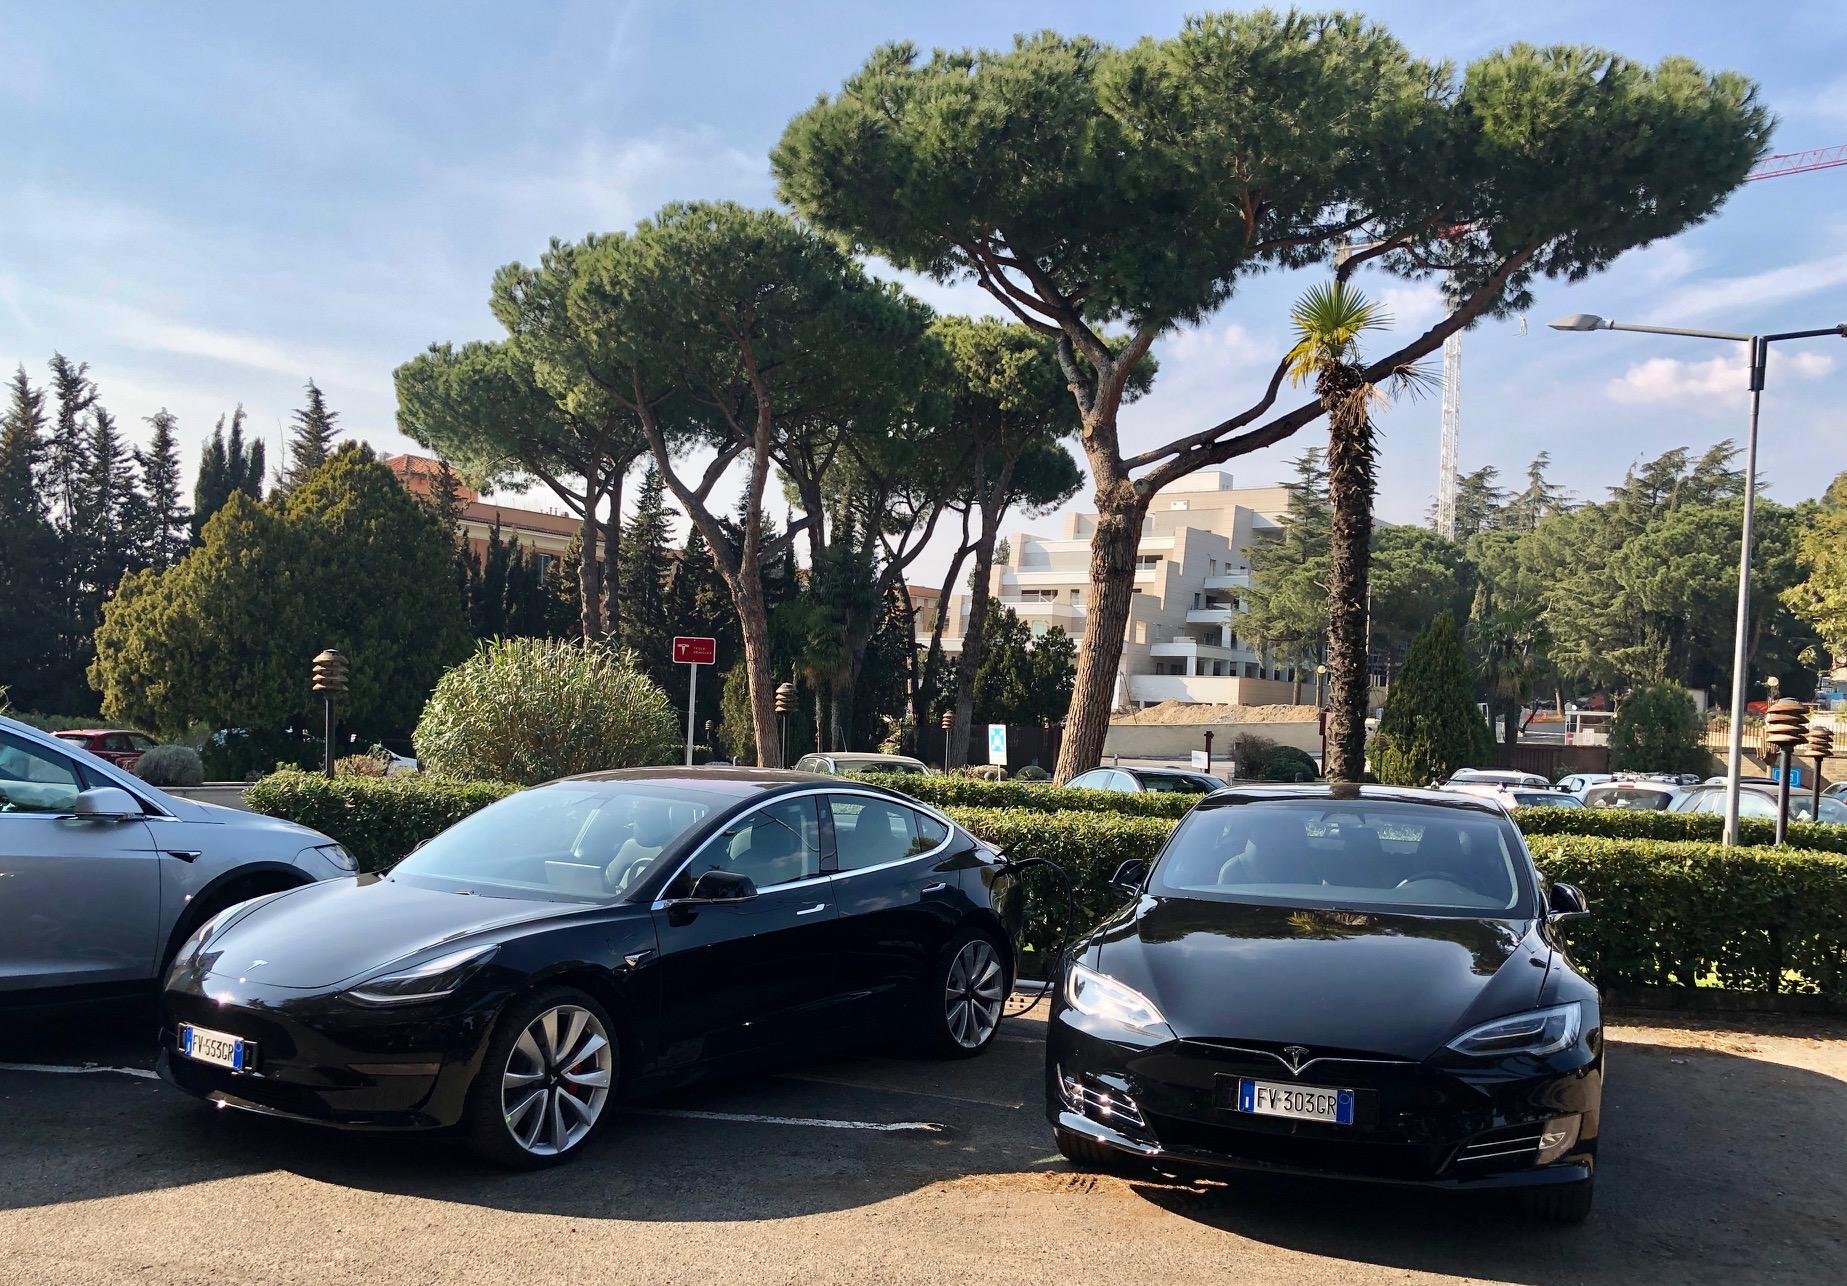 Trovare strutture con Destination Charger (non solo Tesla), non è mai stato così facile. Nasce EViaggio, una nuova piattaforma tutta italiana.